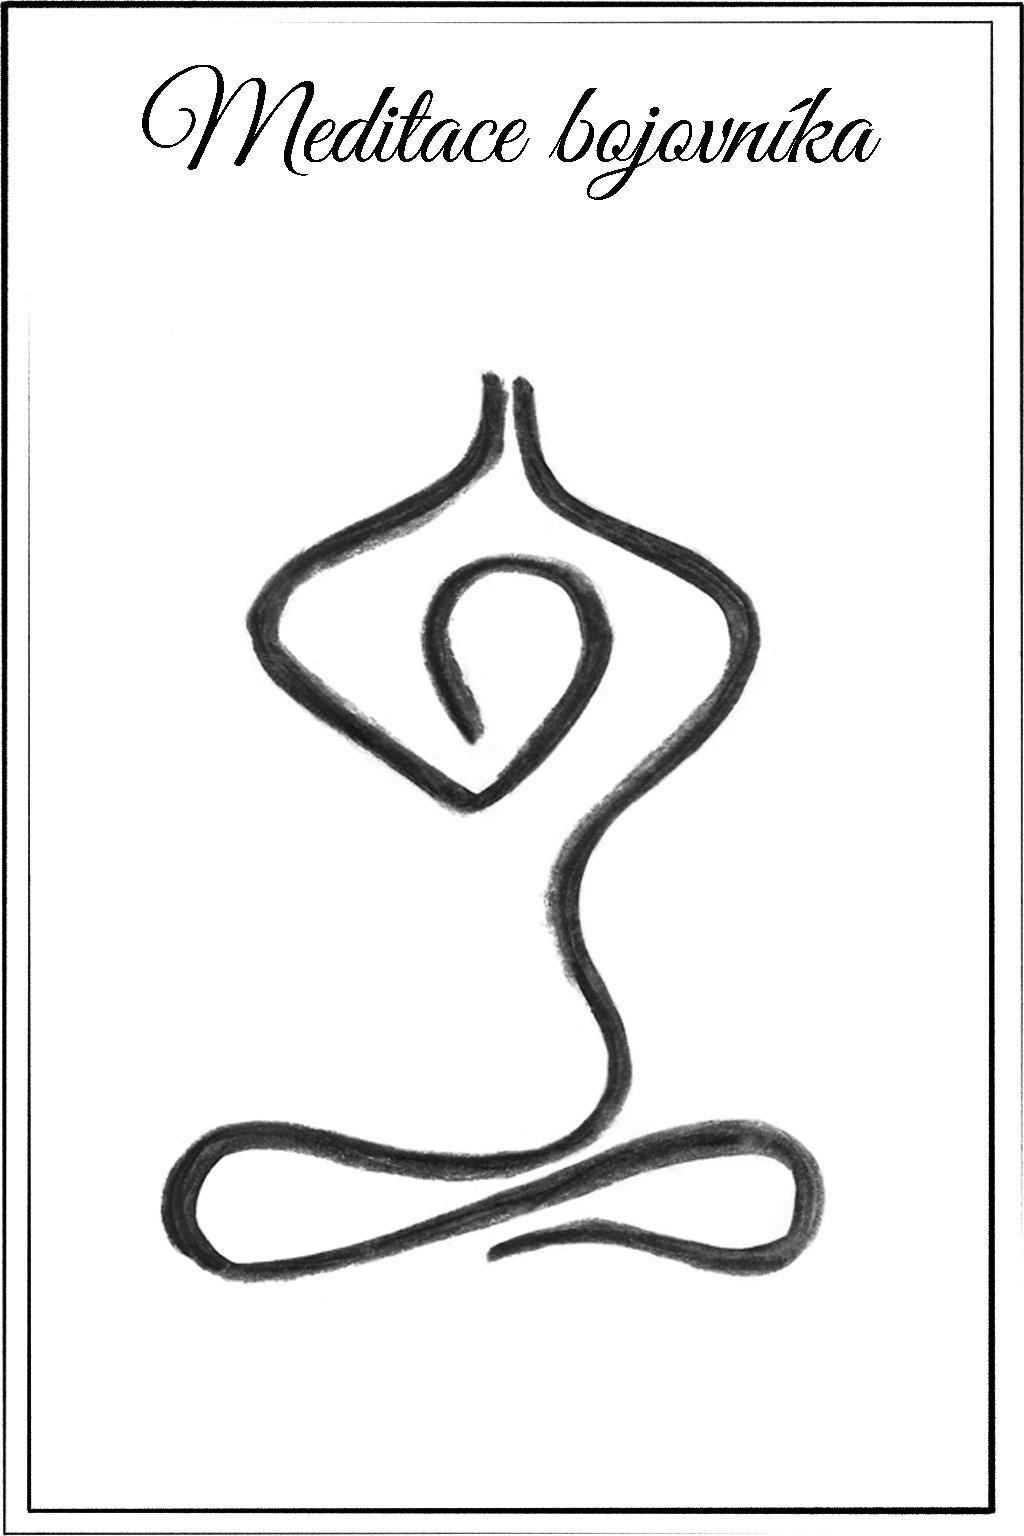 Meditace Bojovníka